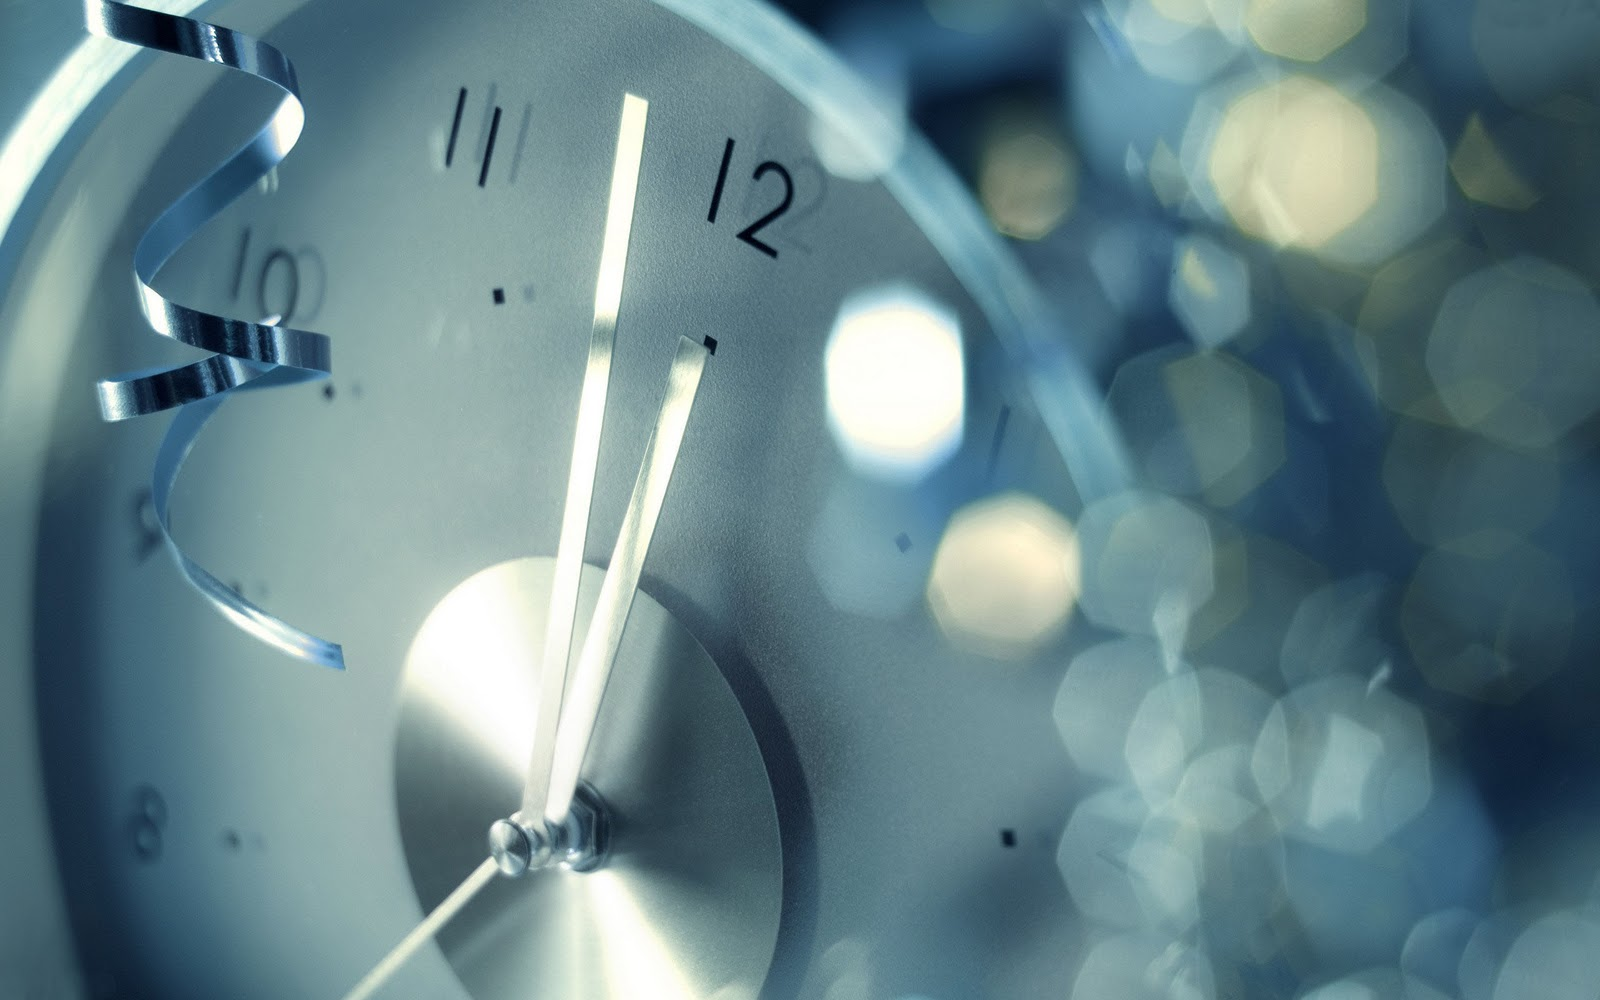 clock latest hd wallpapers best hd desktop wallpapers